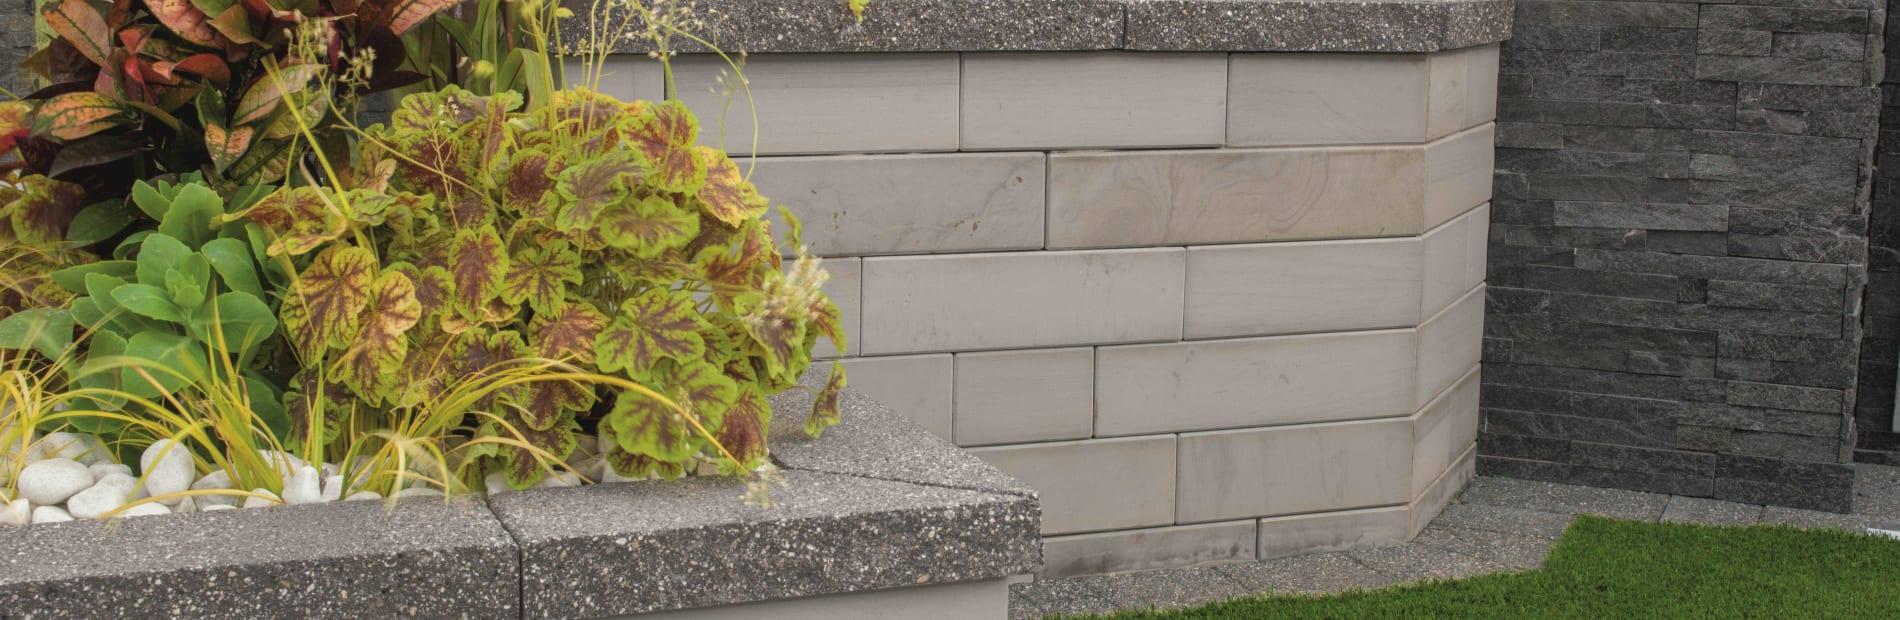 Stoneface® Sawn Veneer Walling hero image